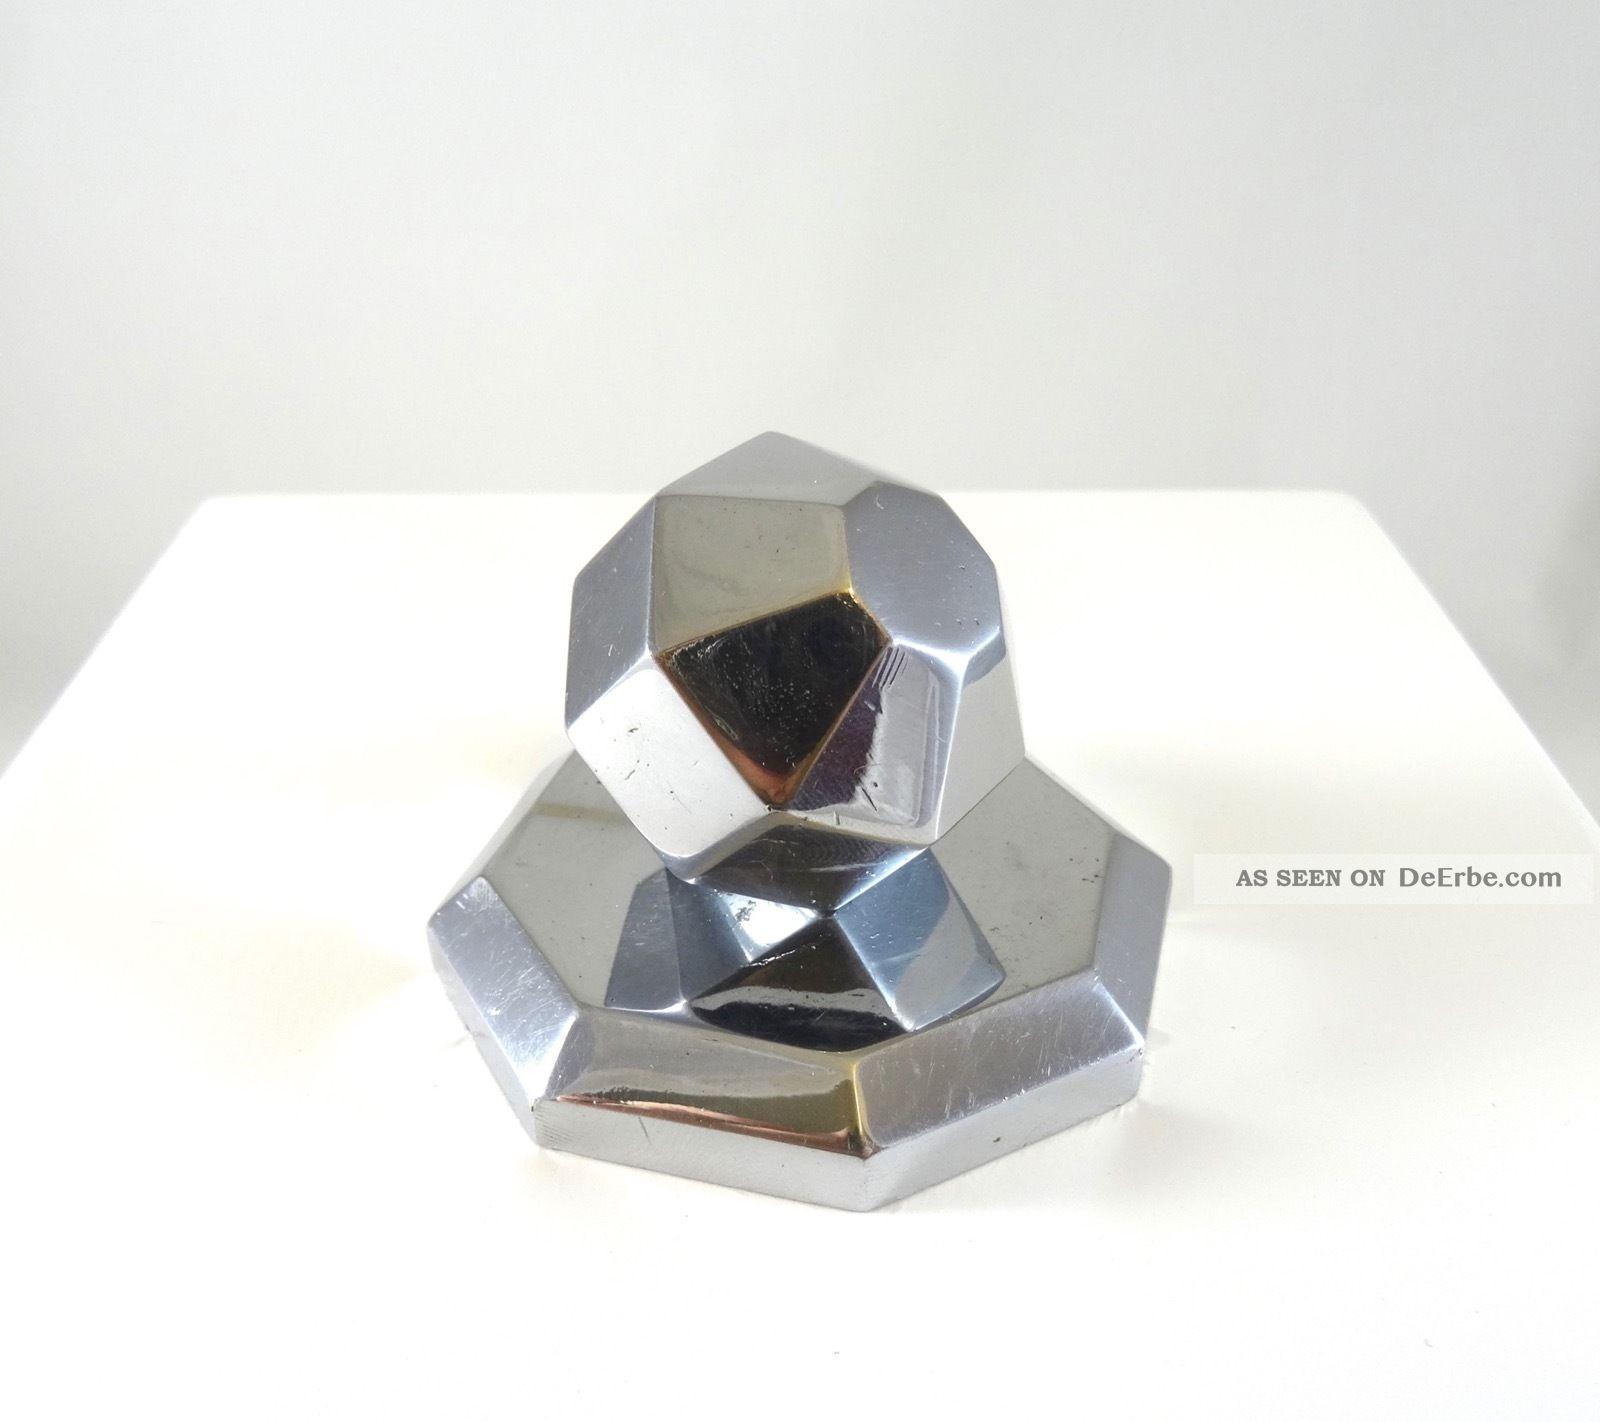 Seltener Art Deco Briefbeschwerer Geometrisch Metallguss Chrom 1930 Antik BÜro 1920-1949, Art Déco Bild